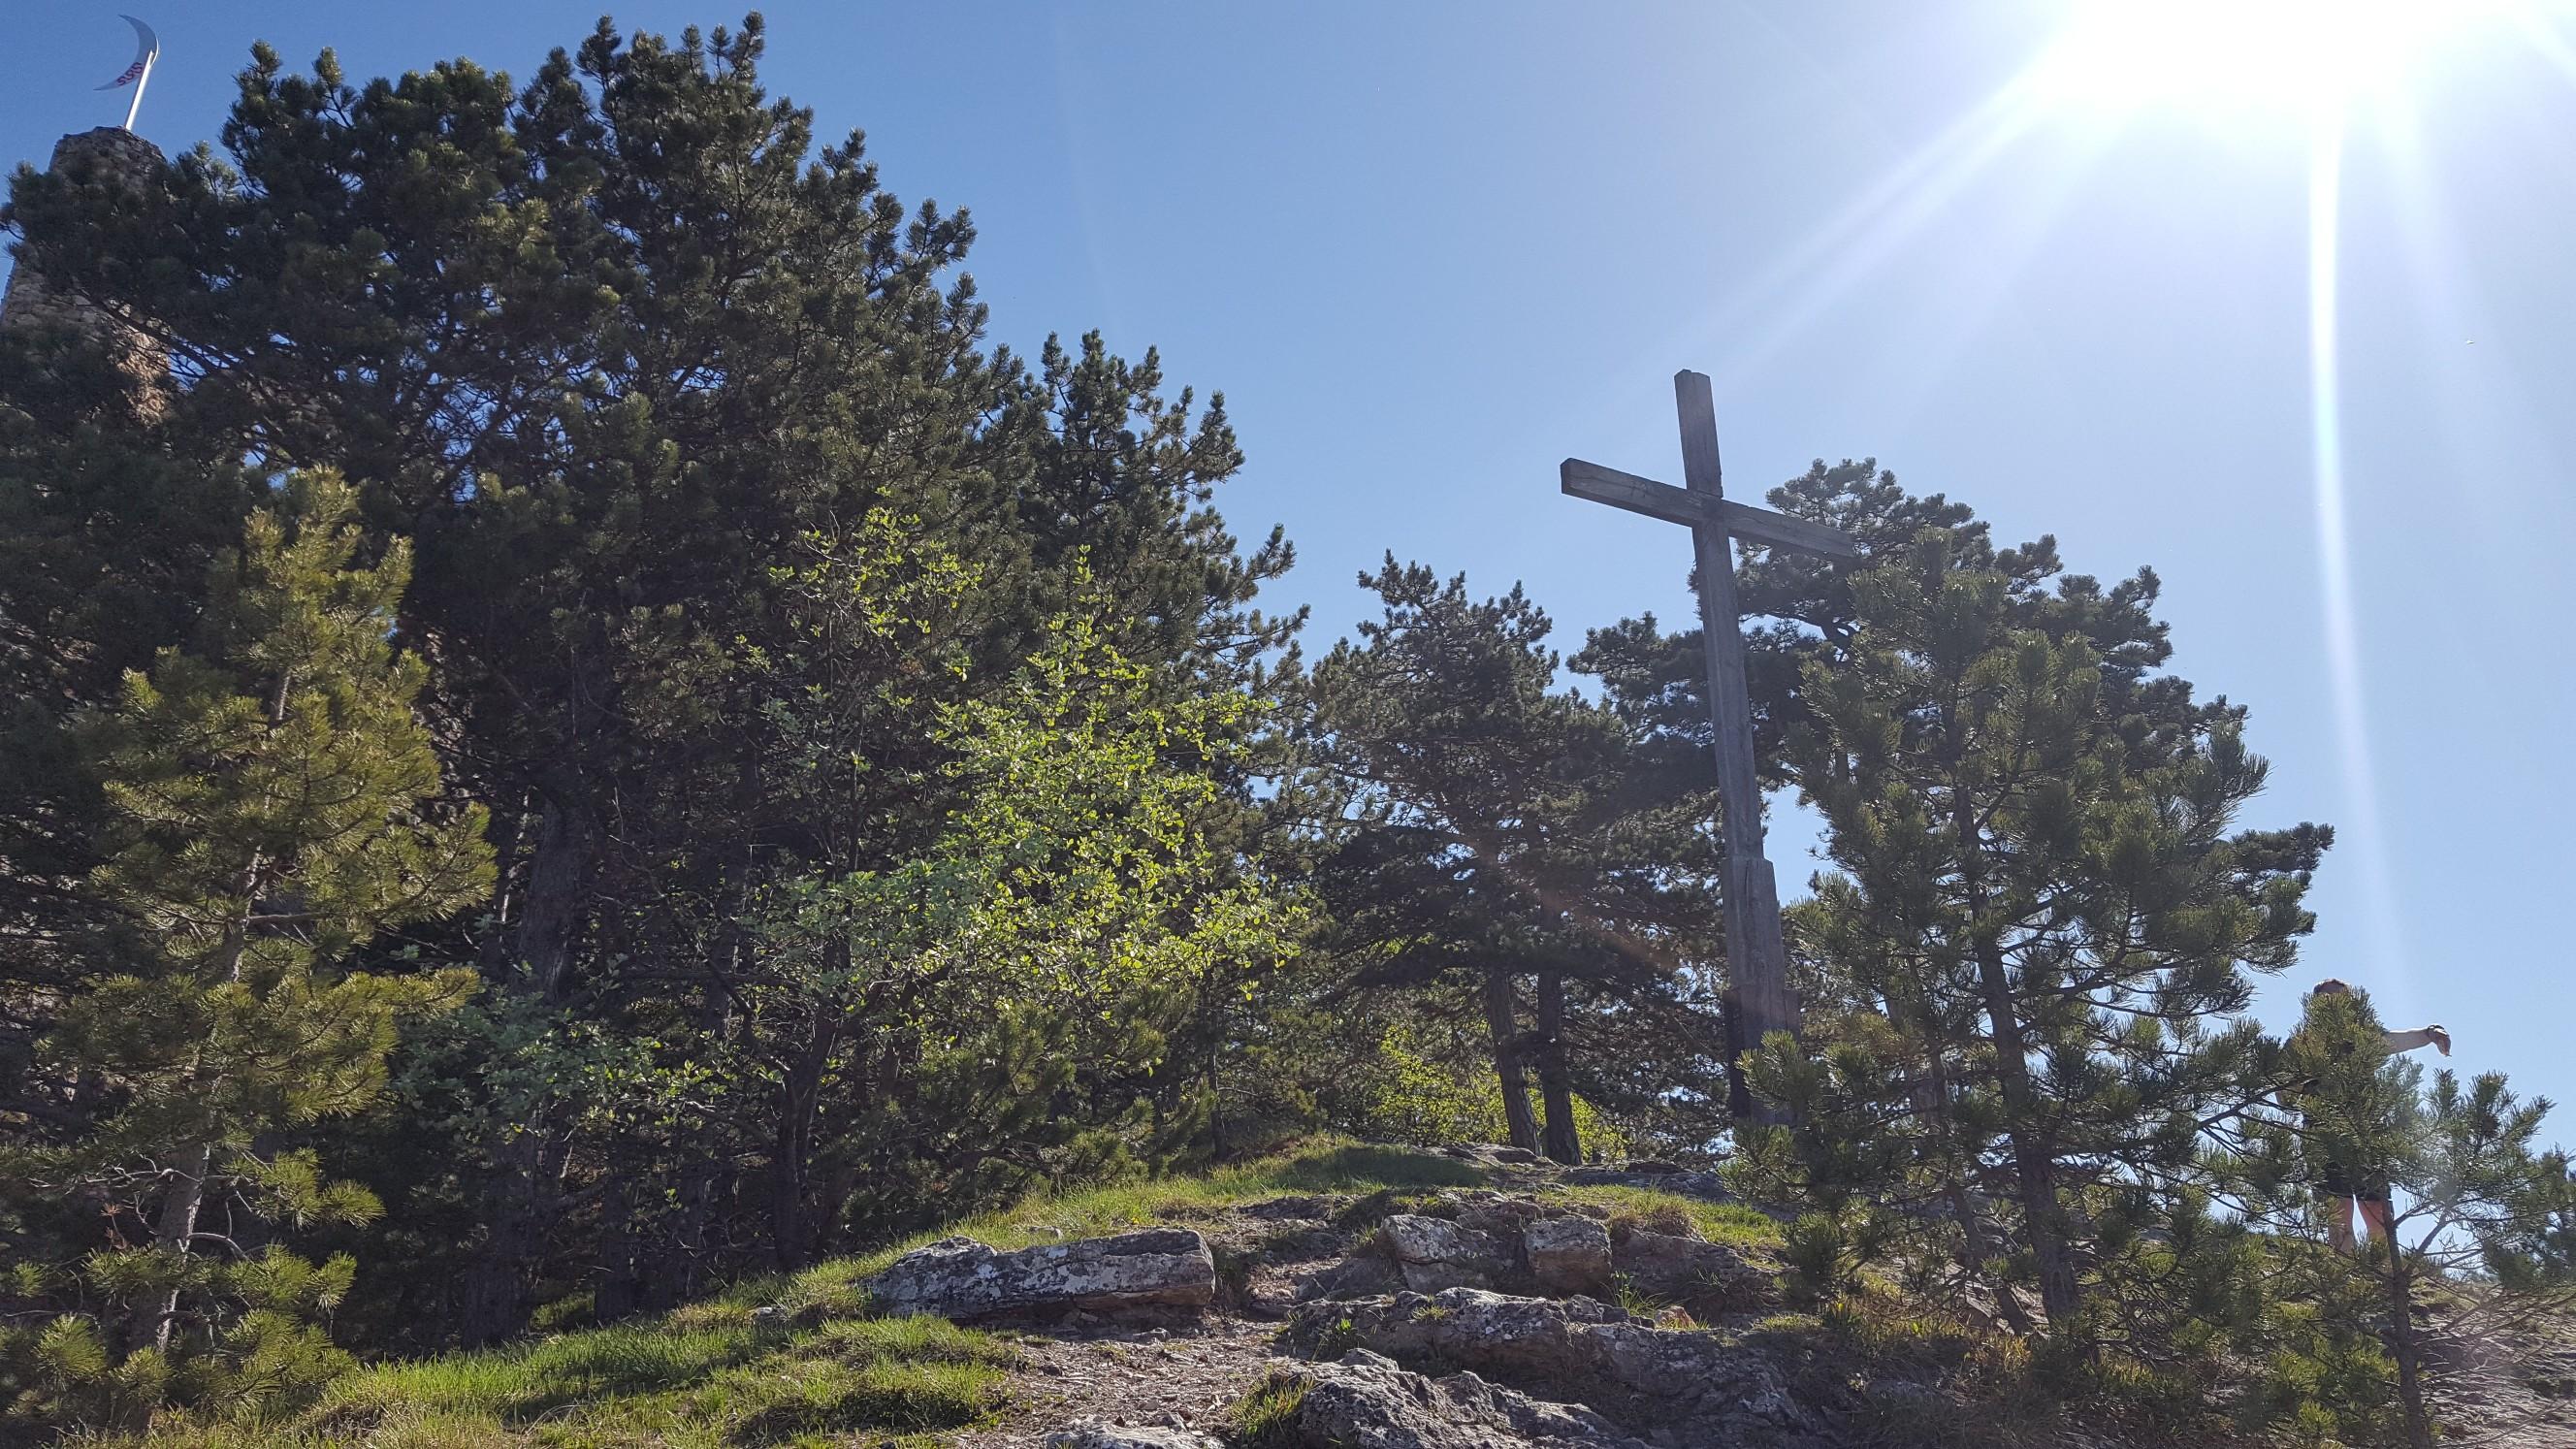 Klettersteig Türkensturz : Einbergbilder türkensturz pittentaler klettersteig